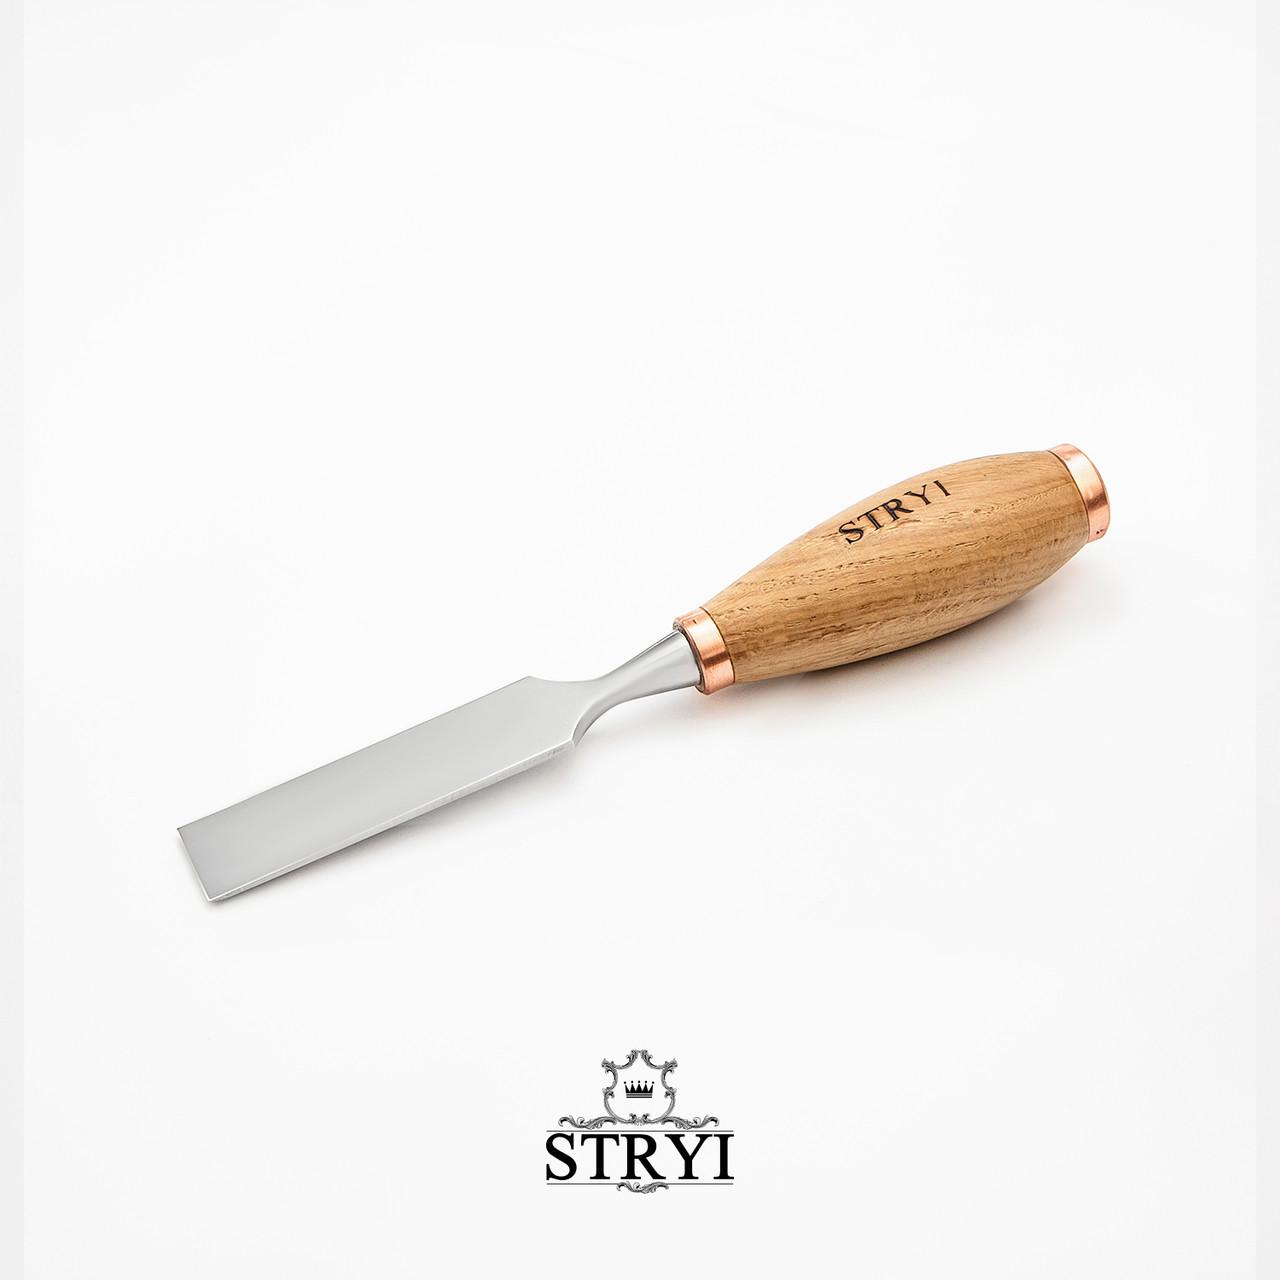 Столярна стамеска 30мм для різьби по дереву від виробника STRYI